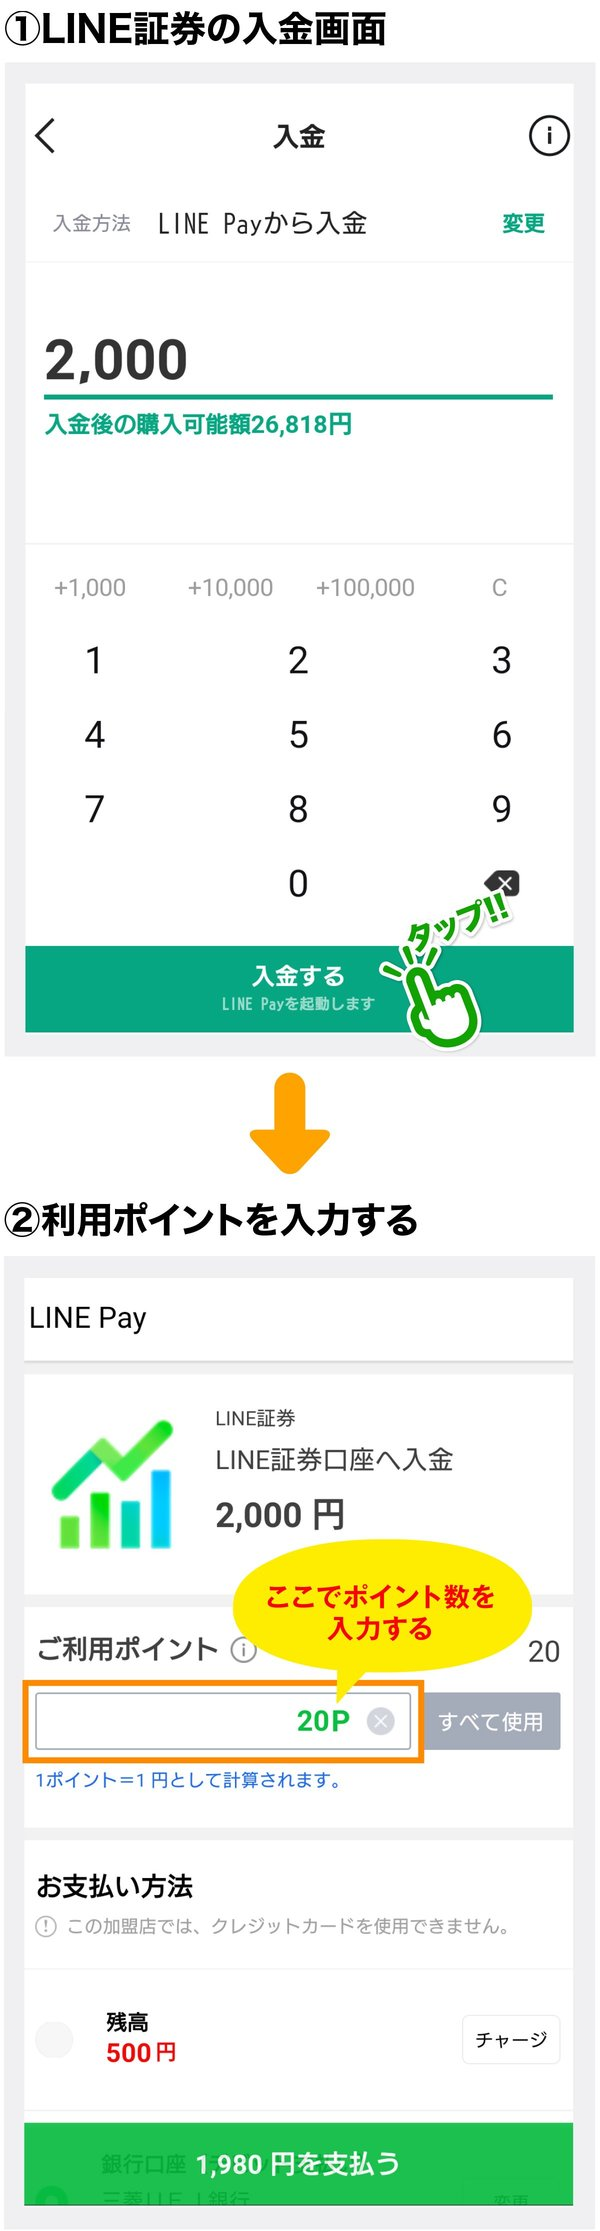 LINE証券への「LINEポイント」の入金方法